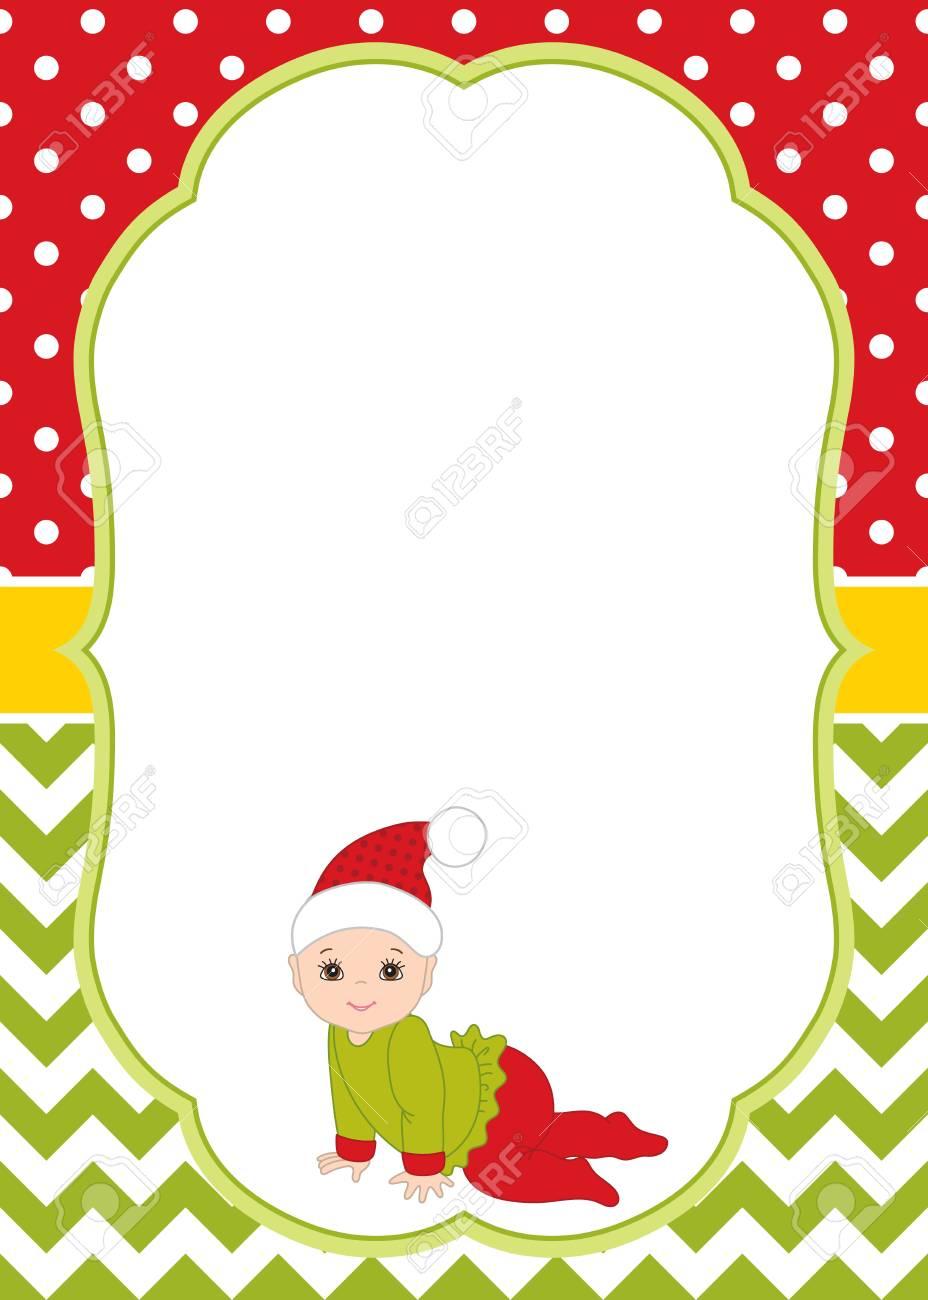 Vector Plantilla De Tarjeta De Navidad Y Año Nuevo Con Lindo Bebé En Chevron Y Fondo De Lunares Plantilla De Tarjeta De Navidad Y Año Nuevo Para Baby